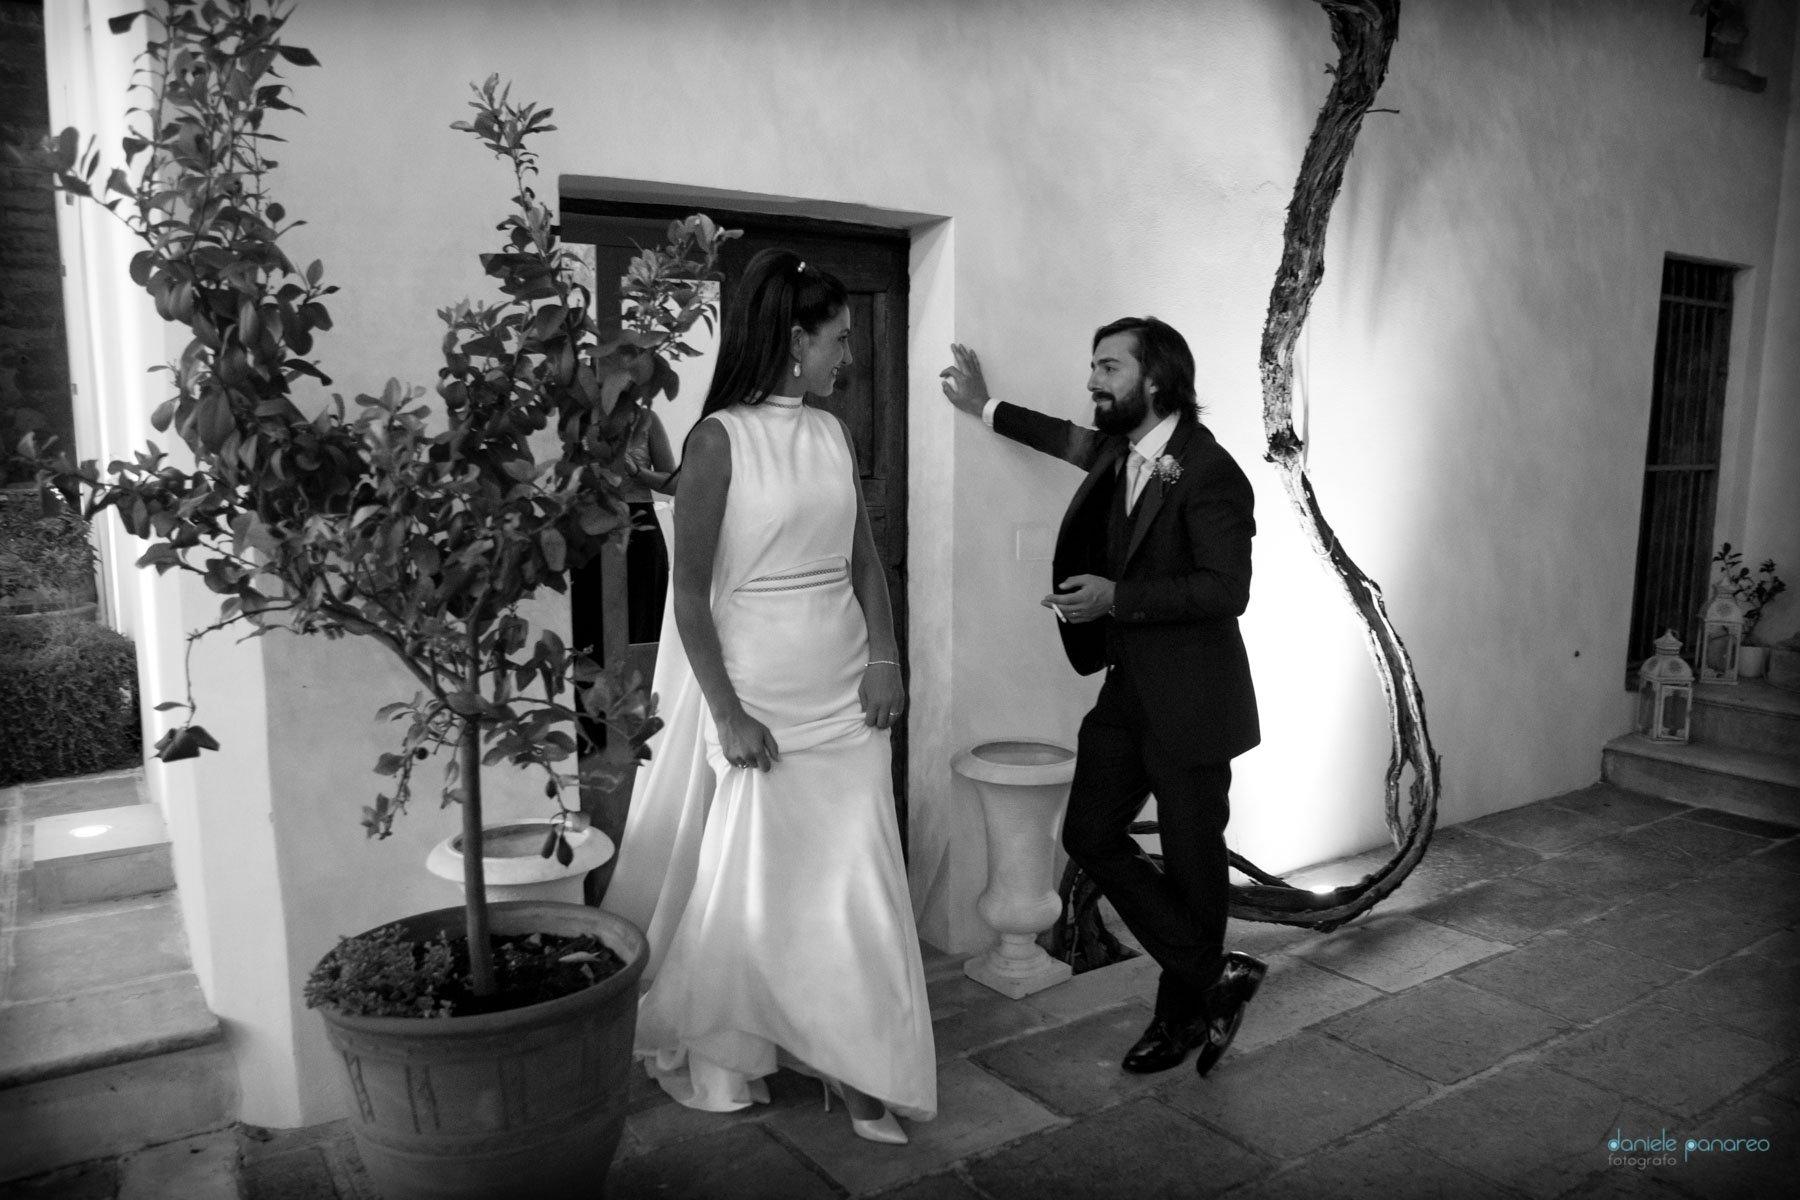 reportage di matrimonio nel salento di Daniele panareo fotografo Lecce